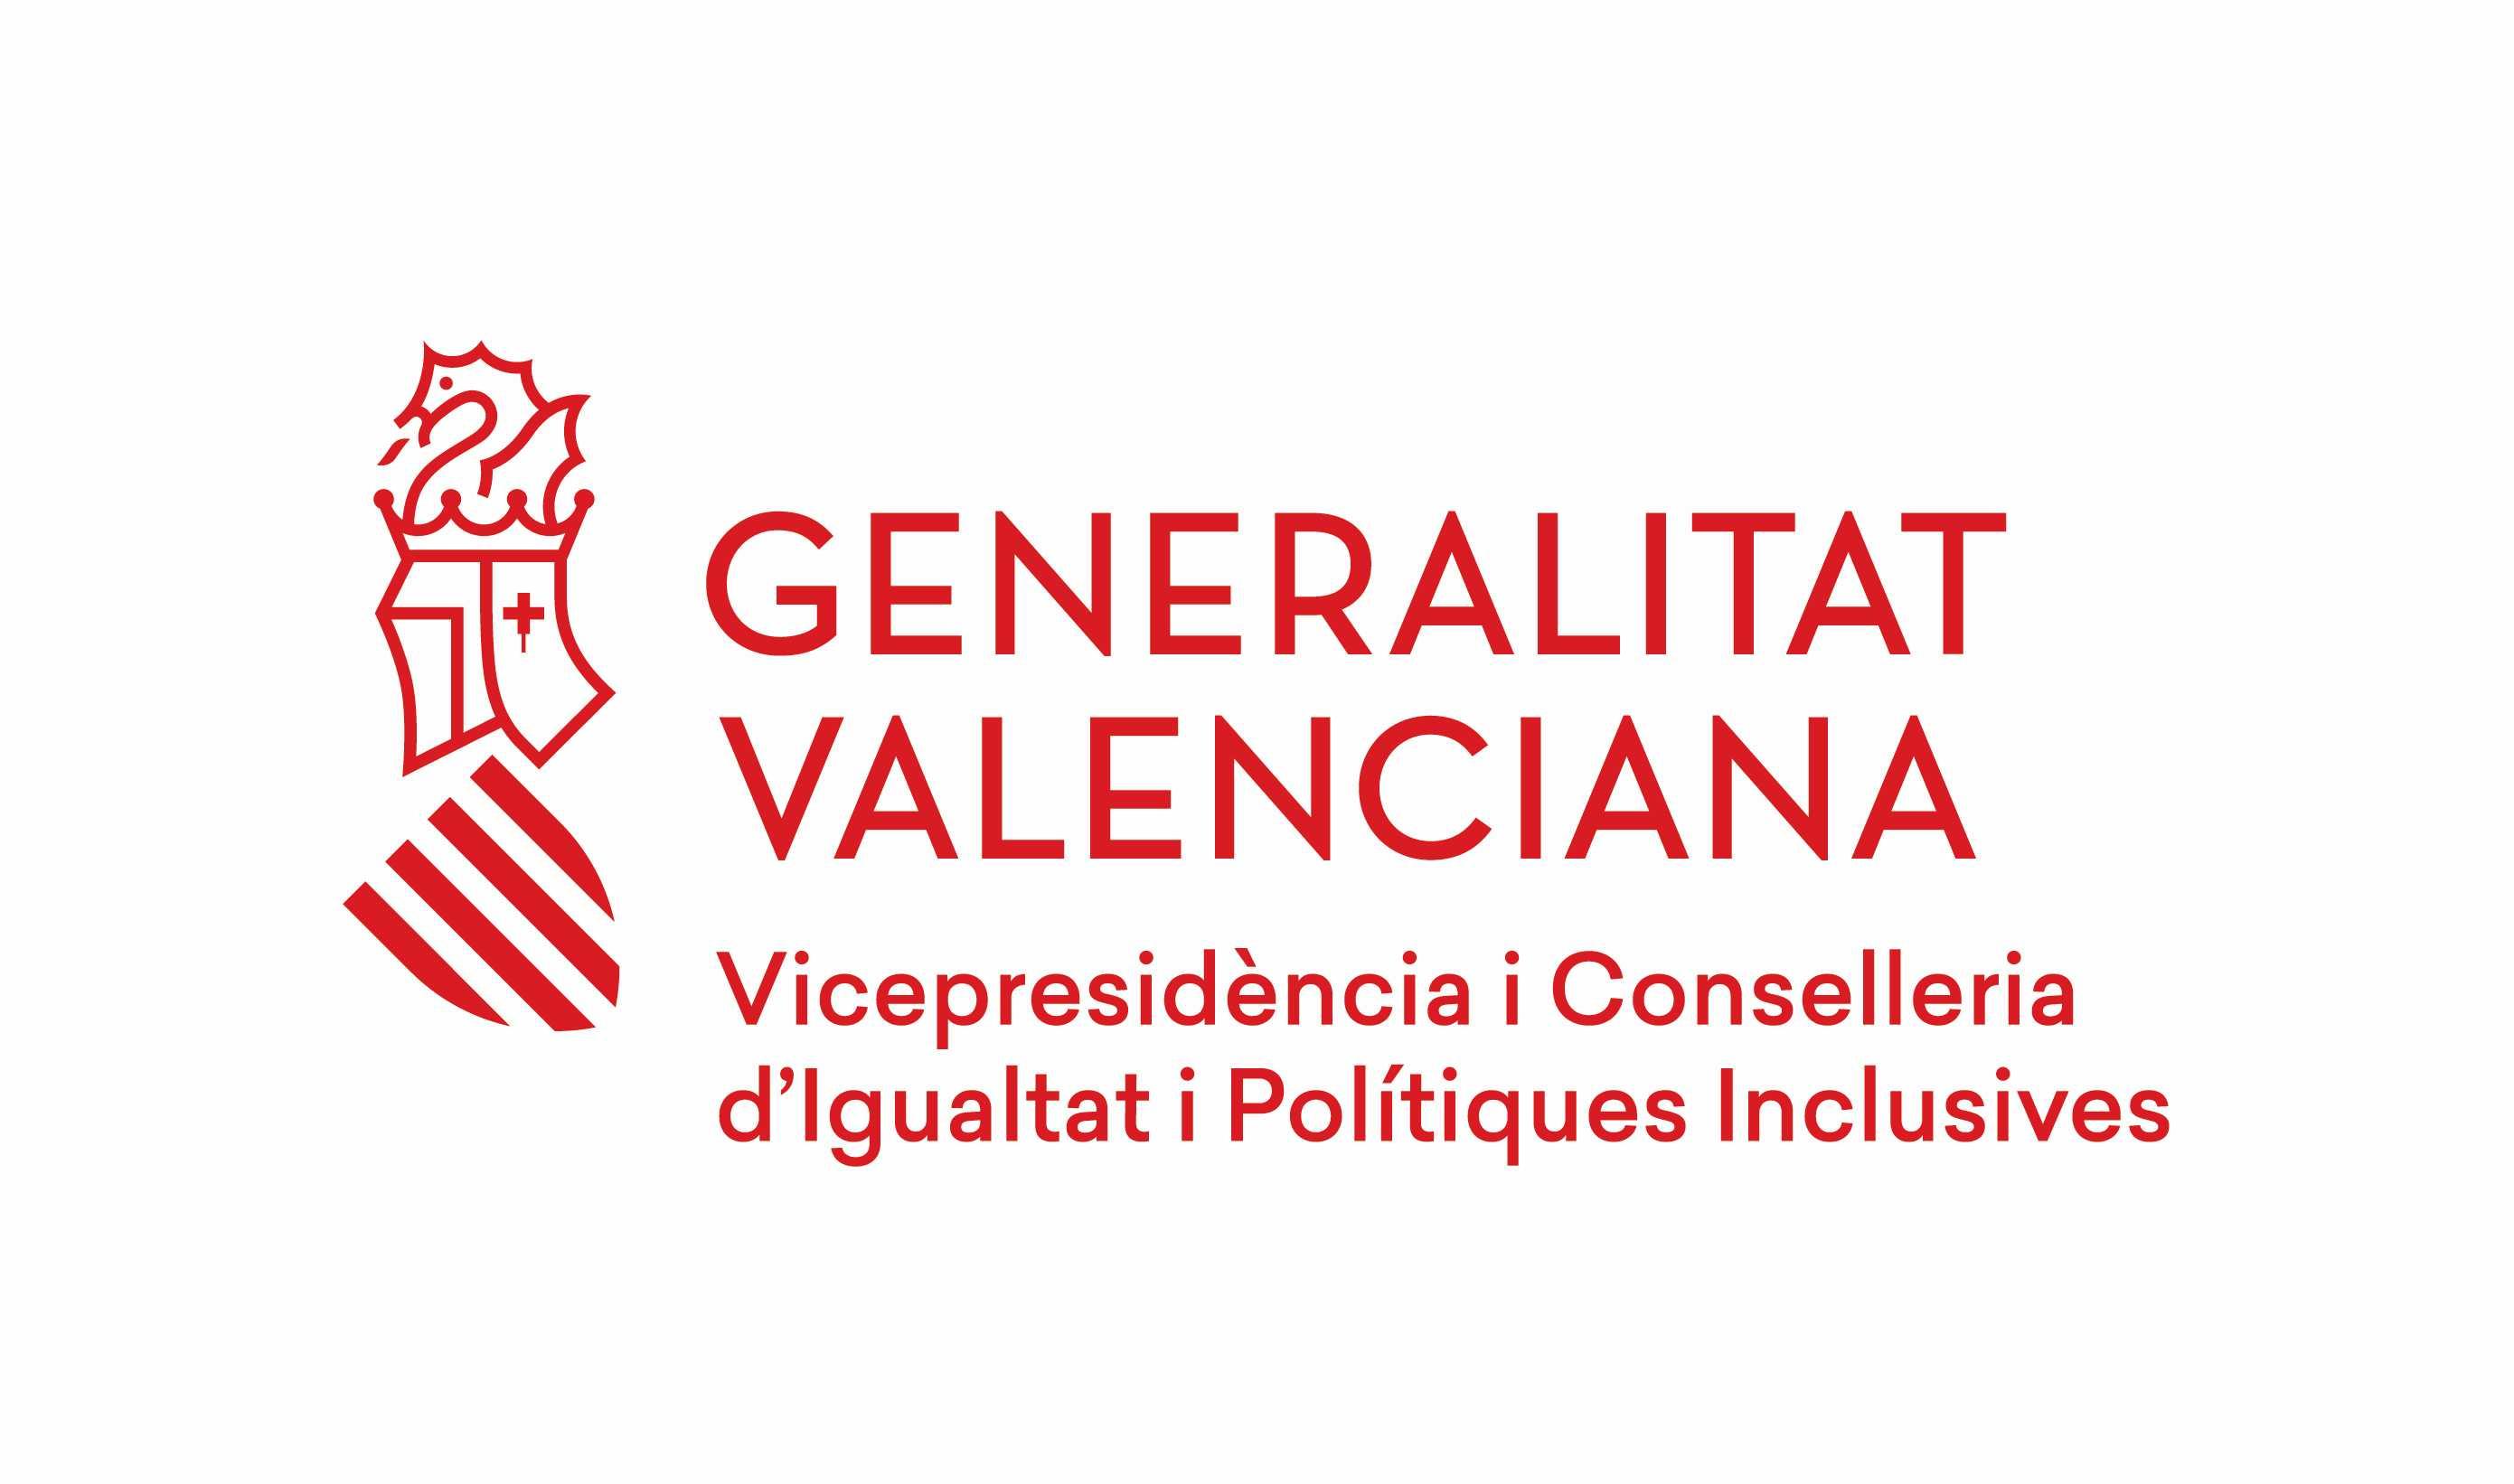 Logo Conselleria Igualtat i Politique Inclusives.jpg